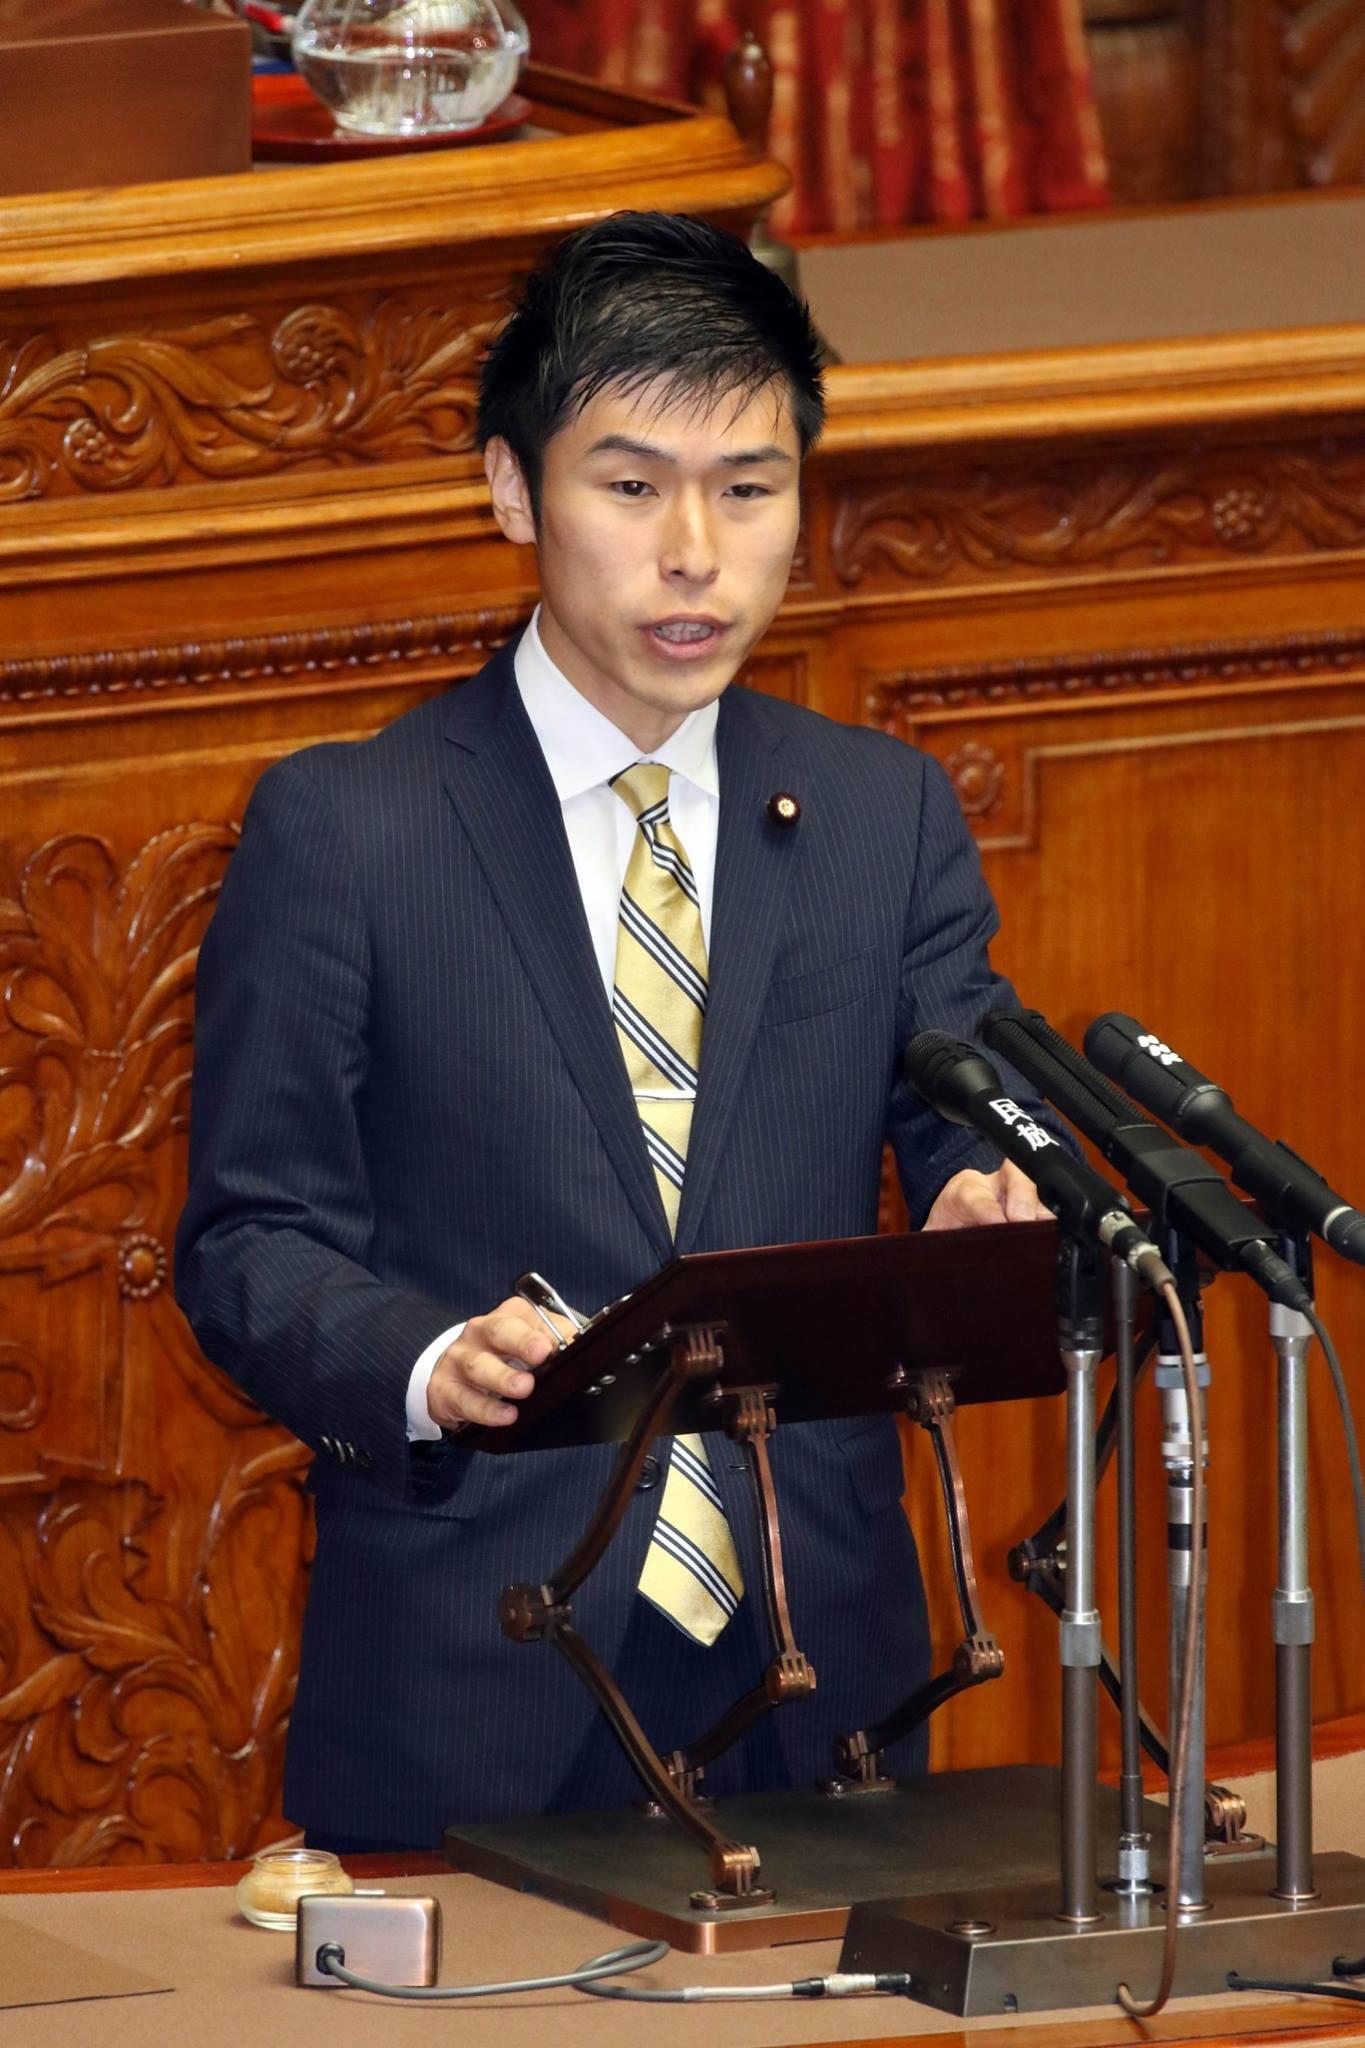 http://www.inoue-satoshi.com/diary/%E5%B1%B1%E6%B7%BB%E8%AD%B0%E5%93%A1.jpg